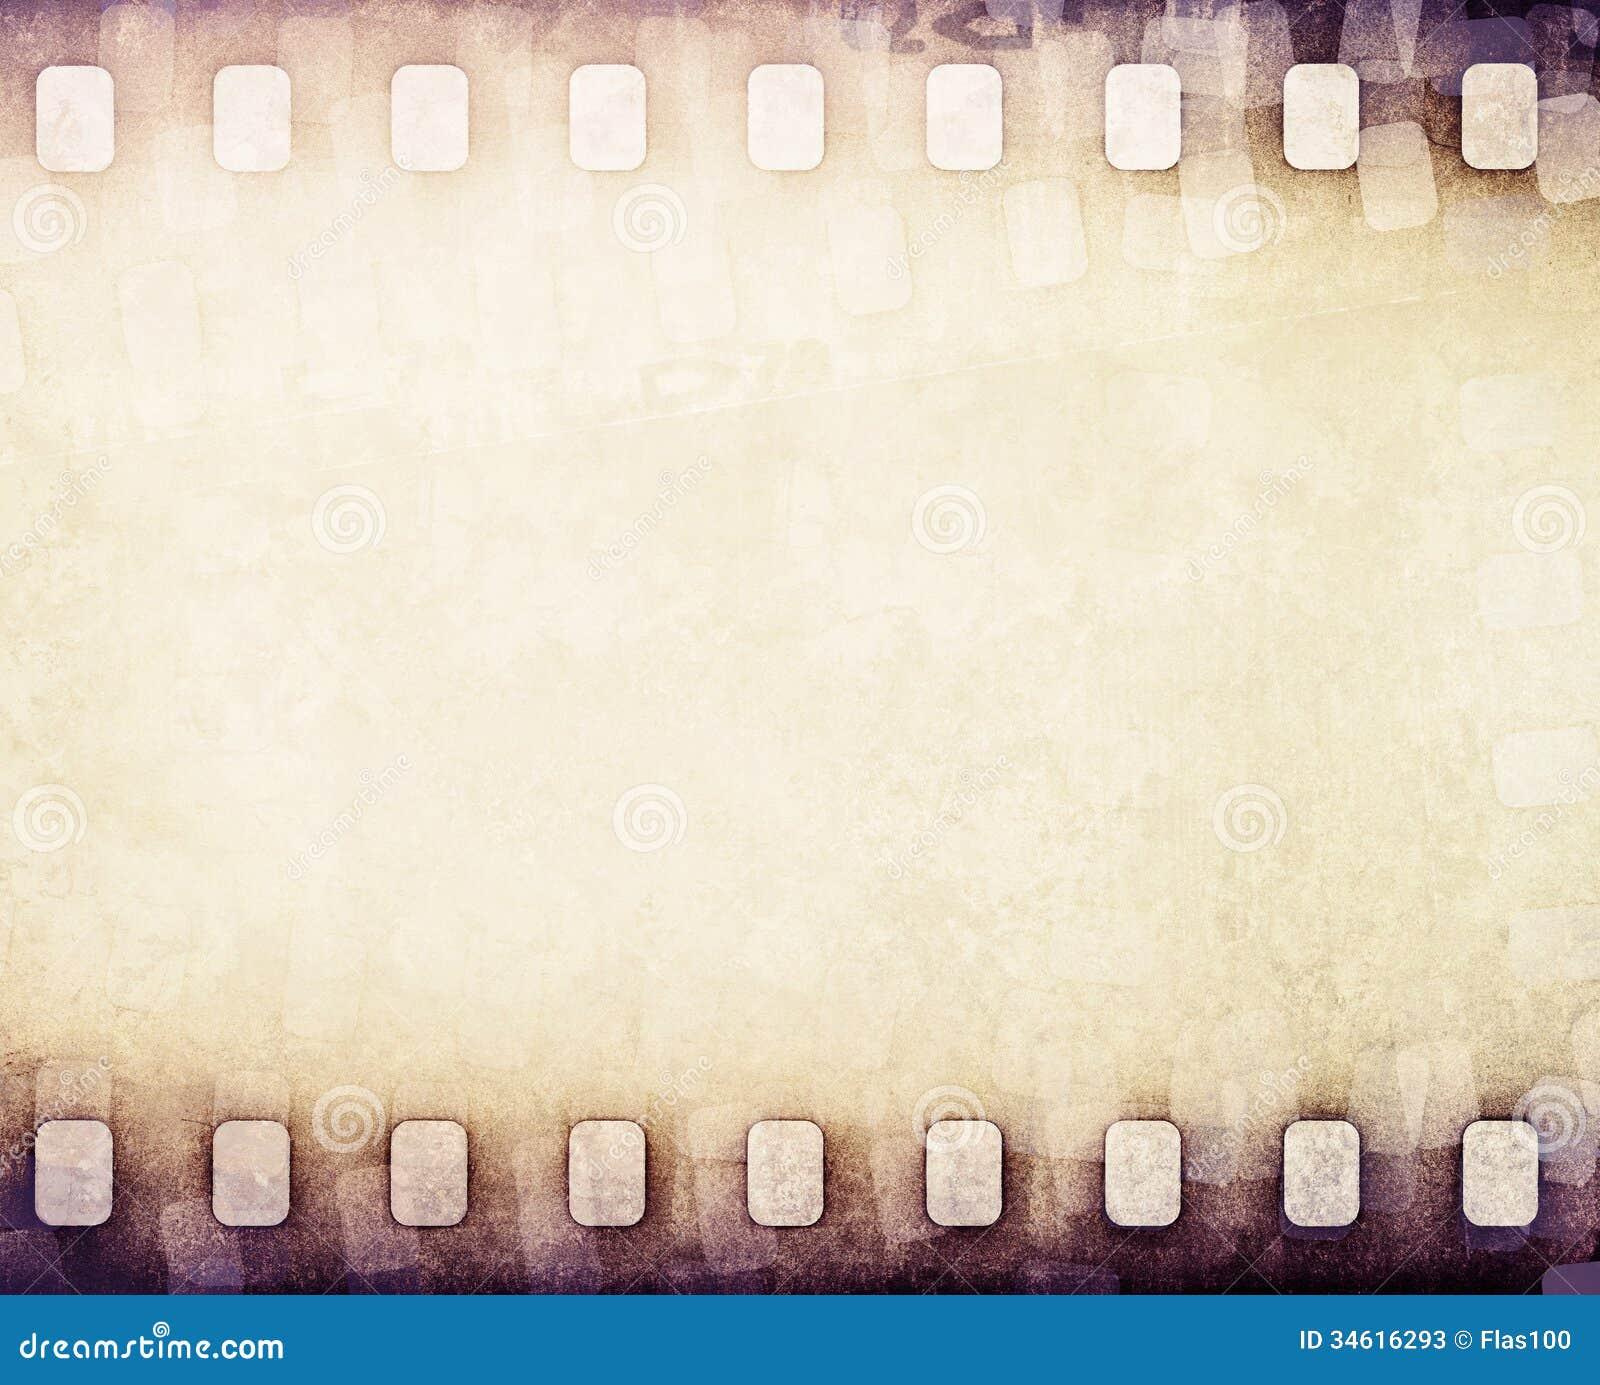 Light Brown Film Strip Background